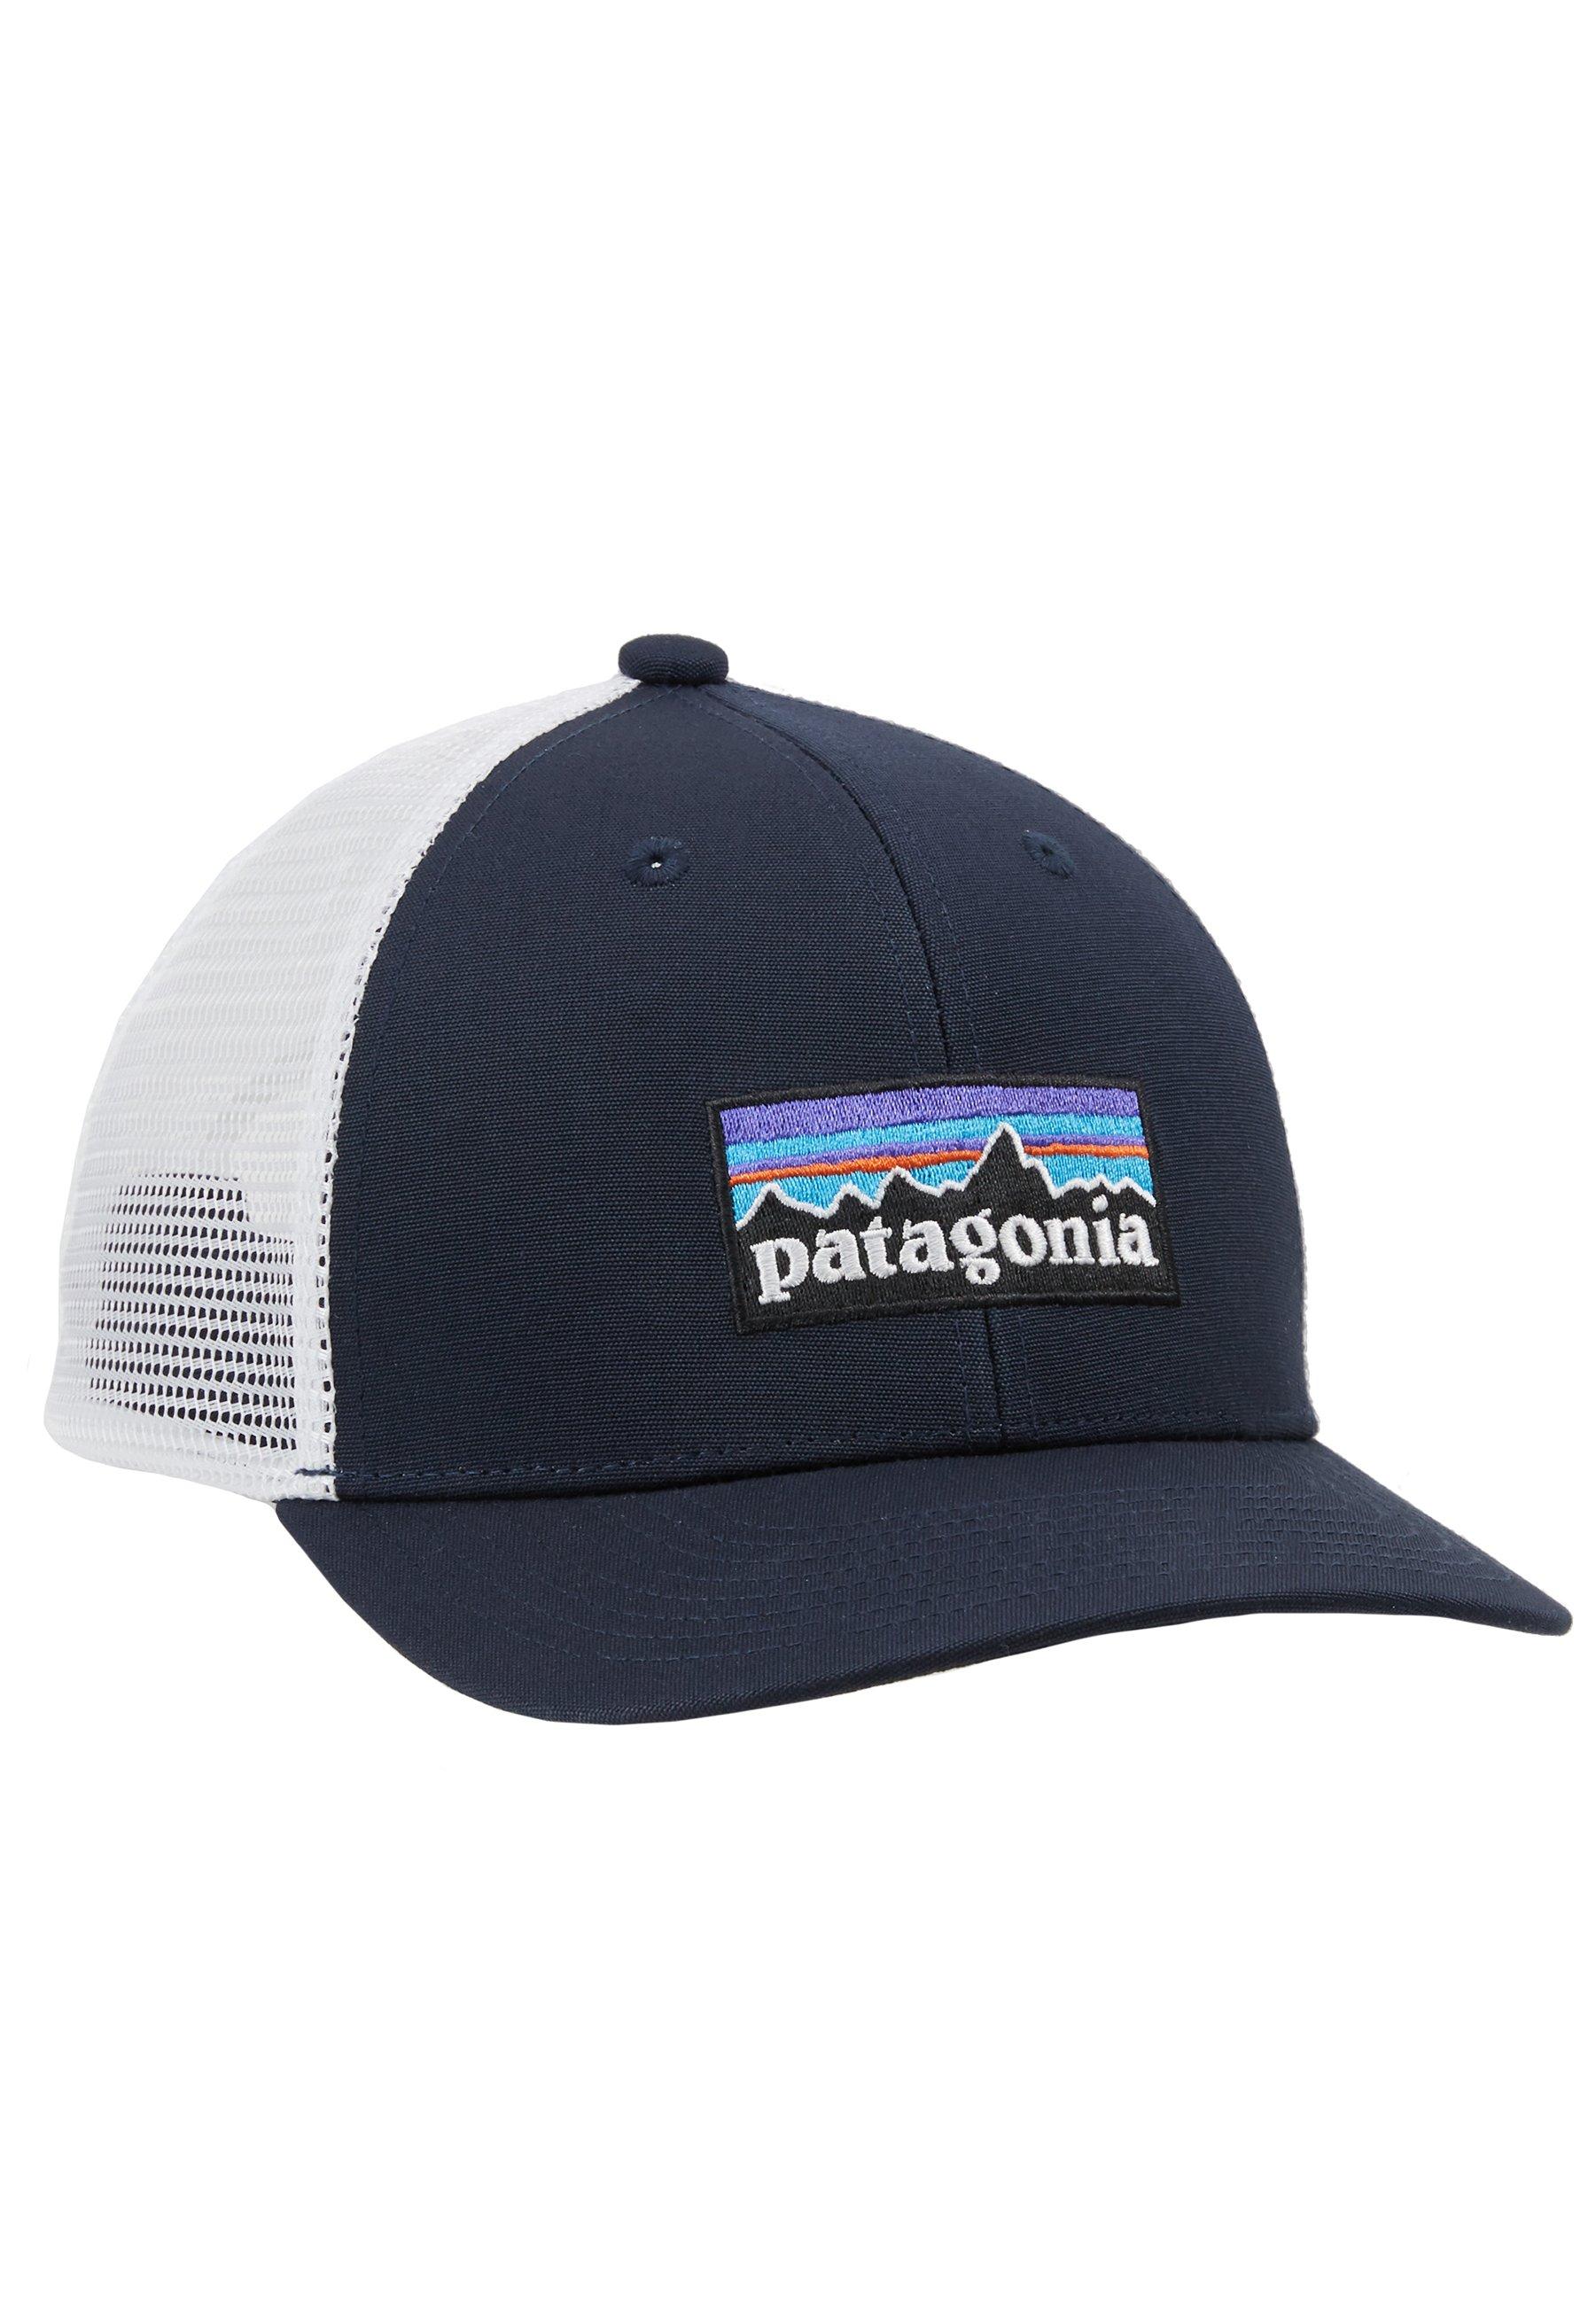 Taille Unique Patagonia P-6 Logo Trucker Hat Casquette Mixte Pigeon-Bleu